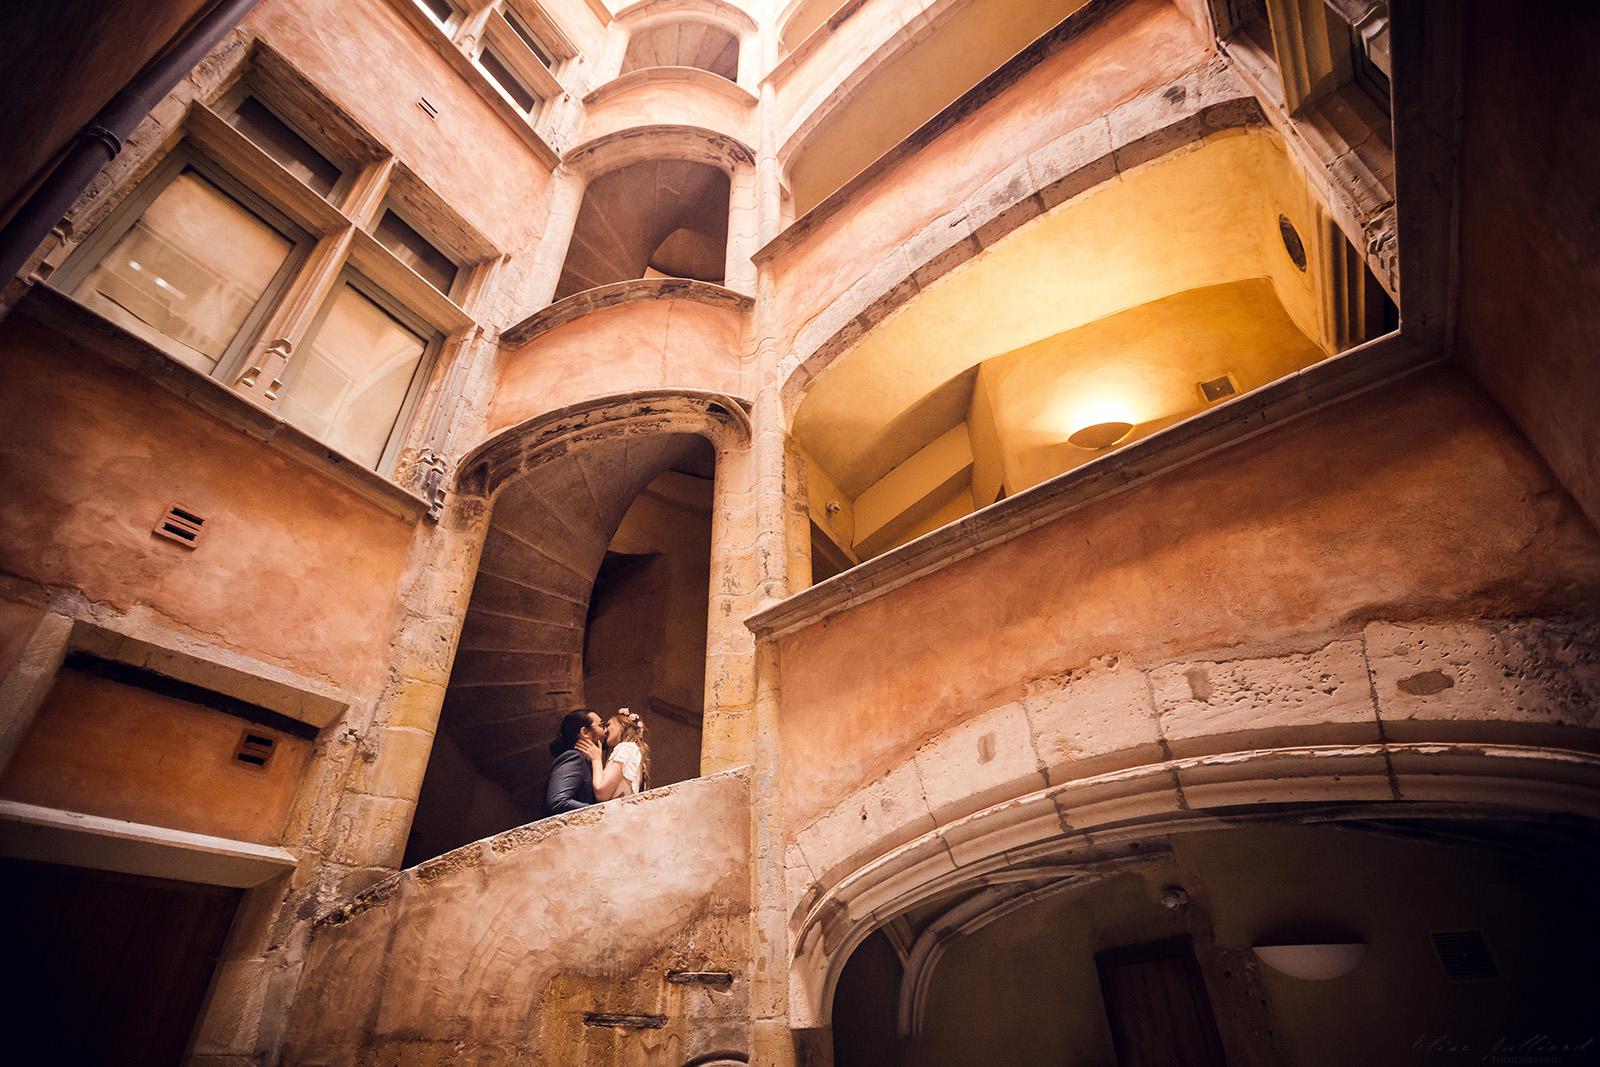 mariage-wedding-photographe-photographer-reportage-seance-photo-couple-amoureux-domaine-du-petit-chambard-auvergne-rhone-alpes-ain-lyon-bourg-en-bresse-vintage-vieux-lyon-traboule